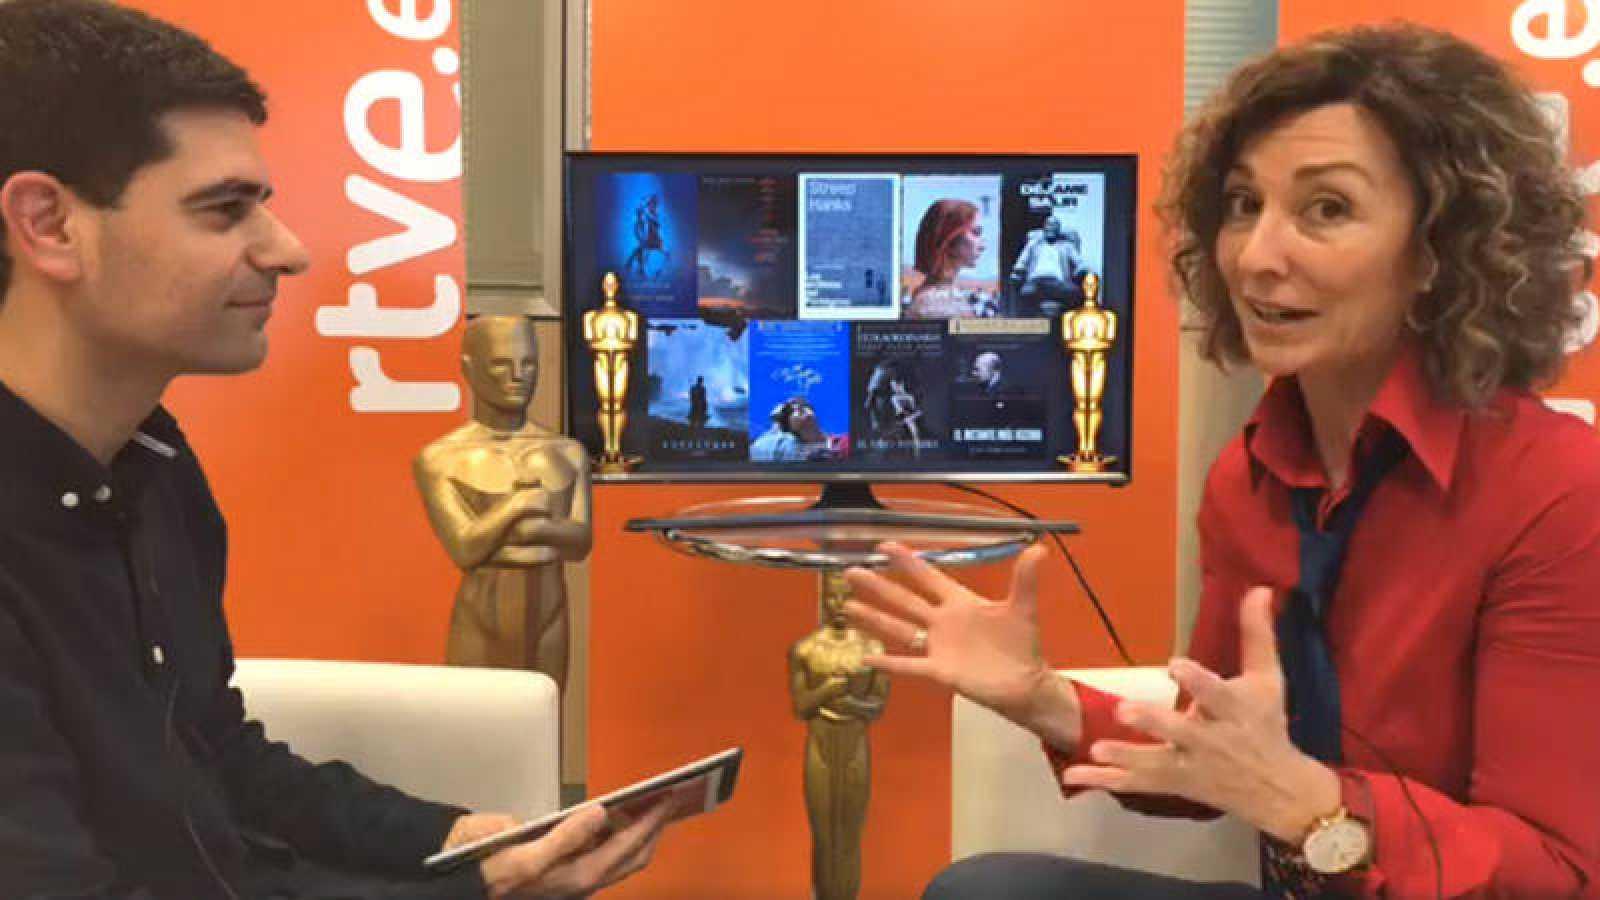 Rubén Vidal, de RTVE.es, y Yolanda Flores, presentadora de 'De película'.